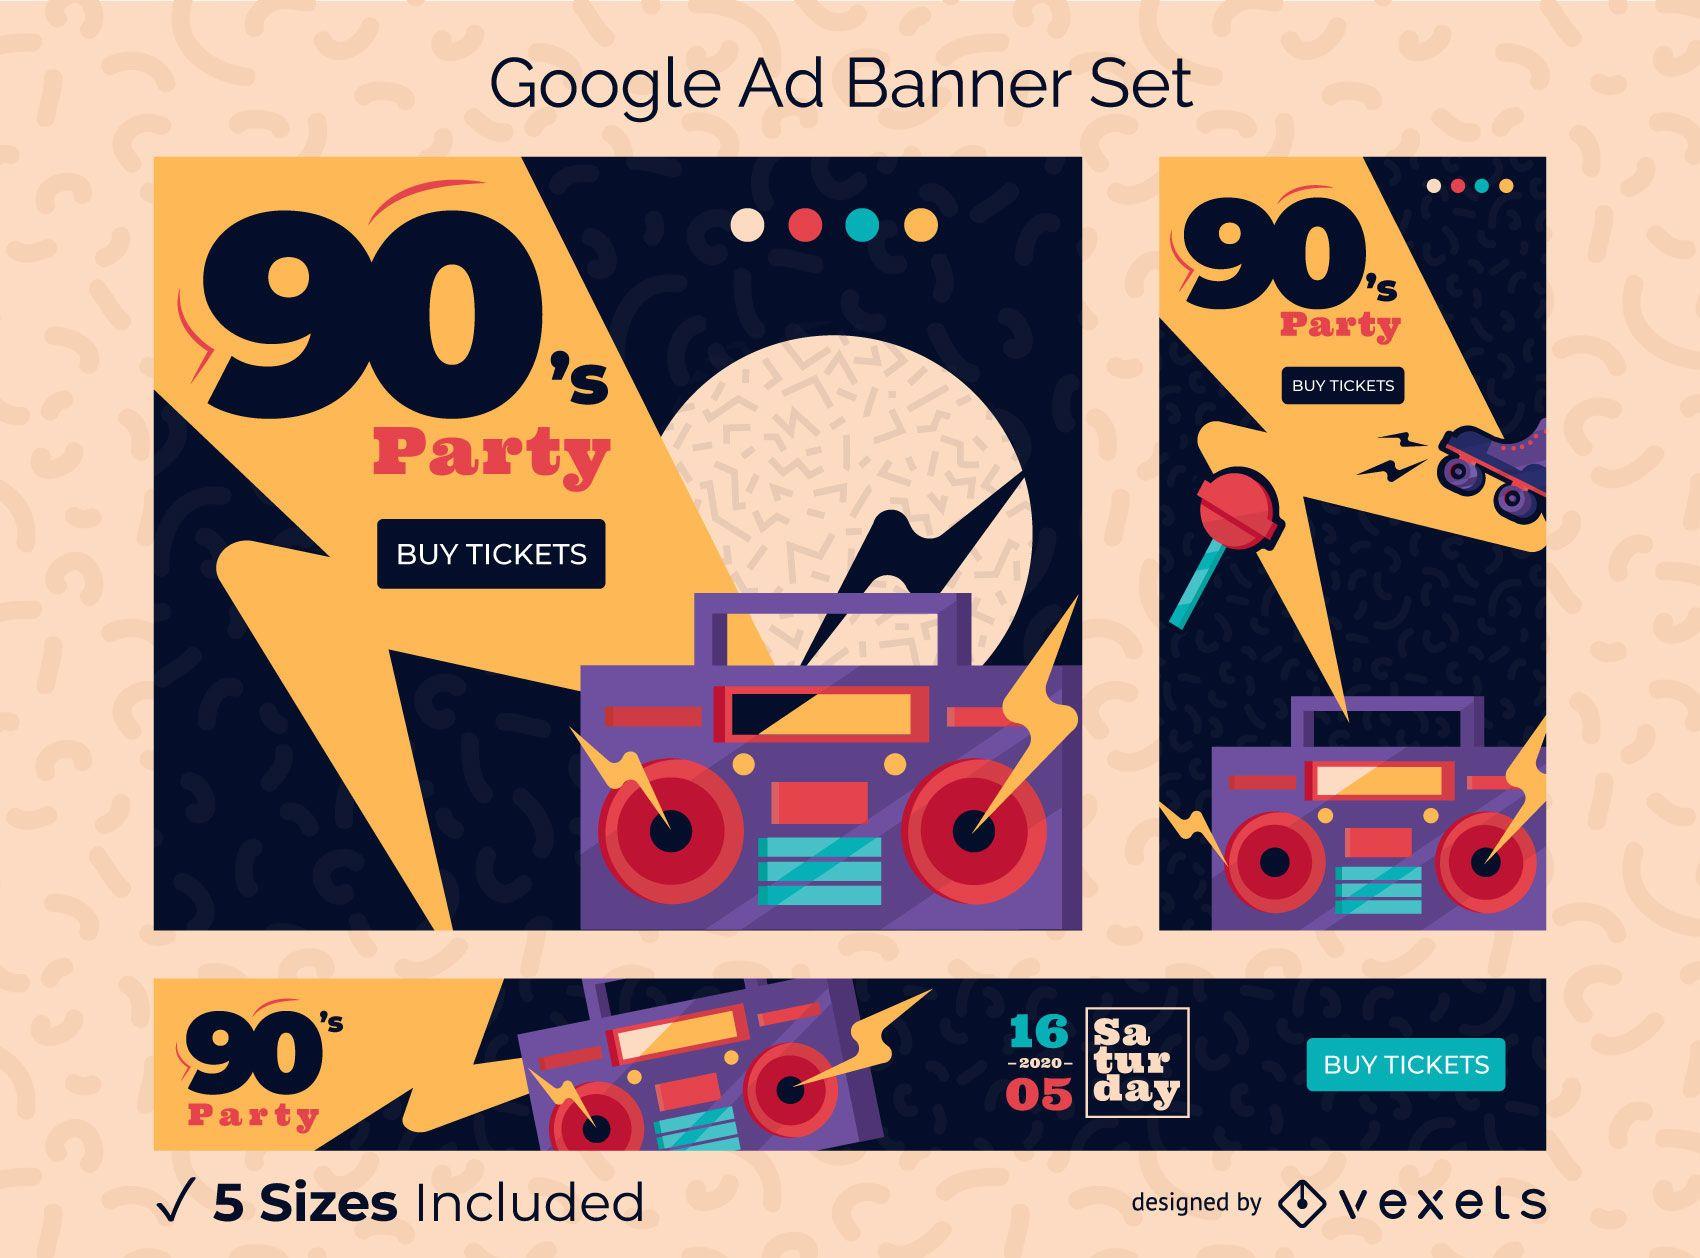 Paquete de diseño de banner de Google Ads para fiestas de los 90